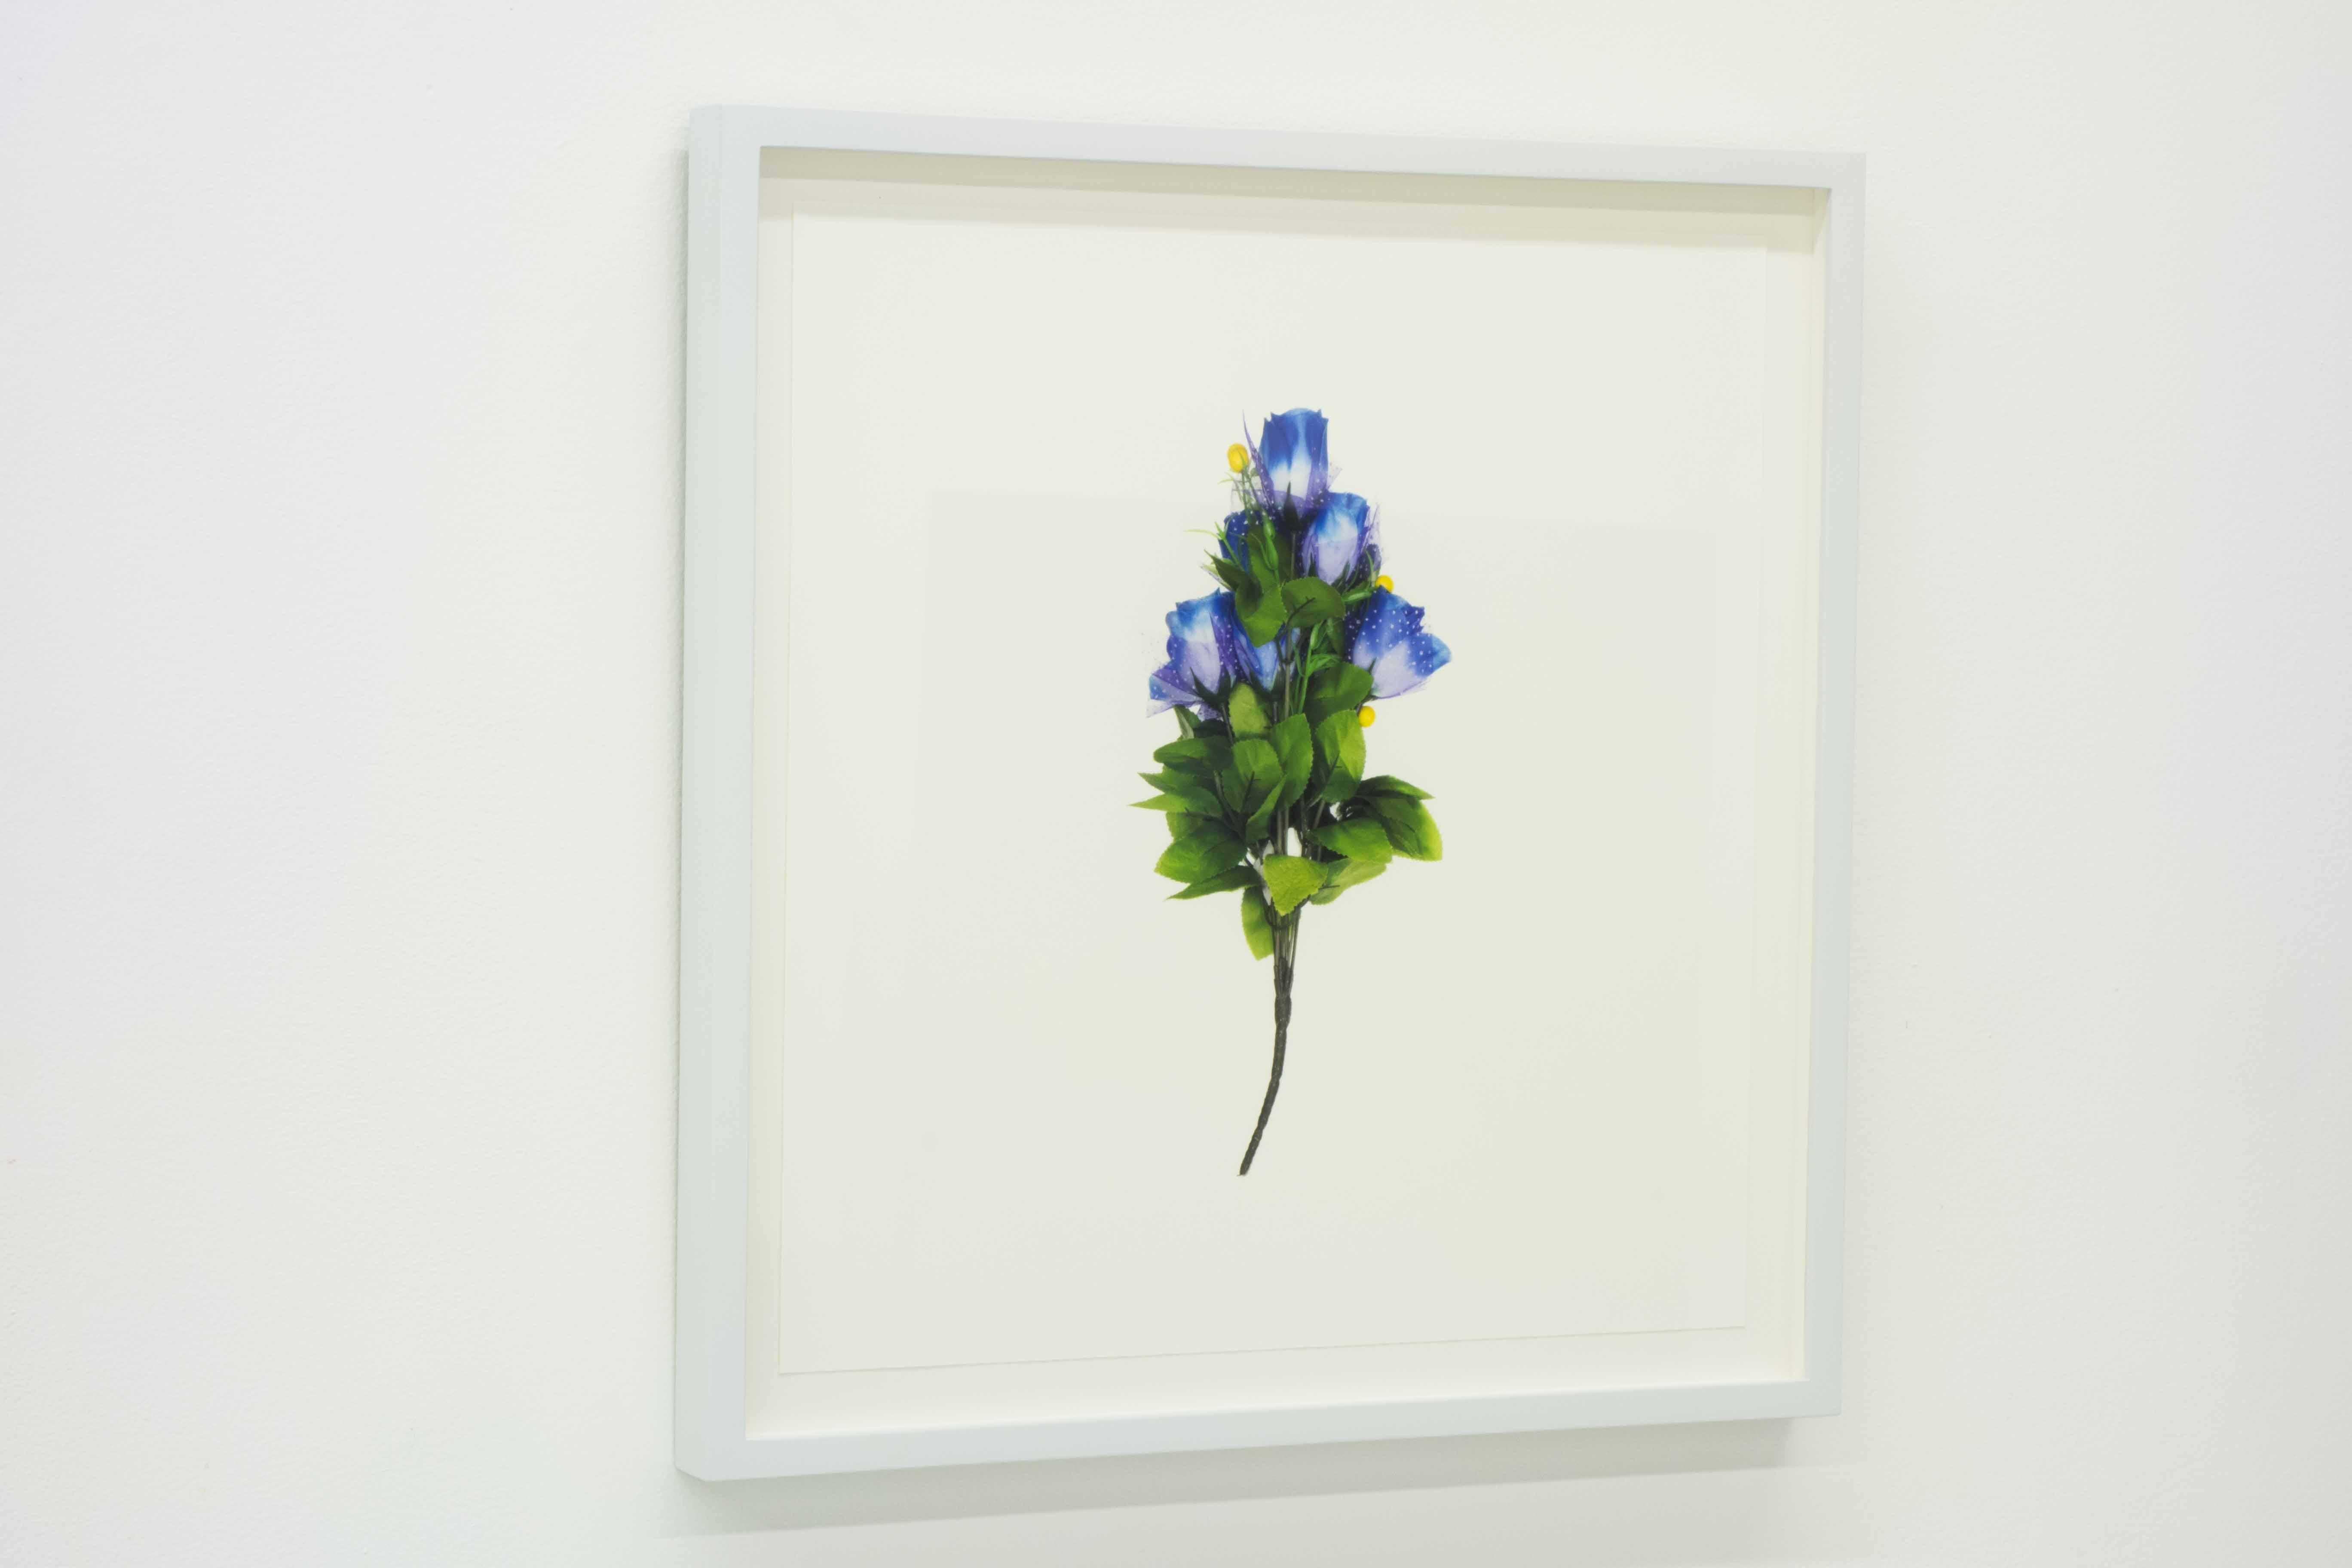 FLOWER PORTRAIT (blue) 2014